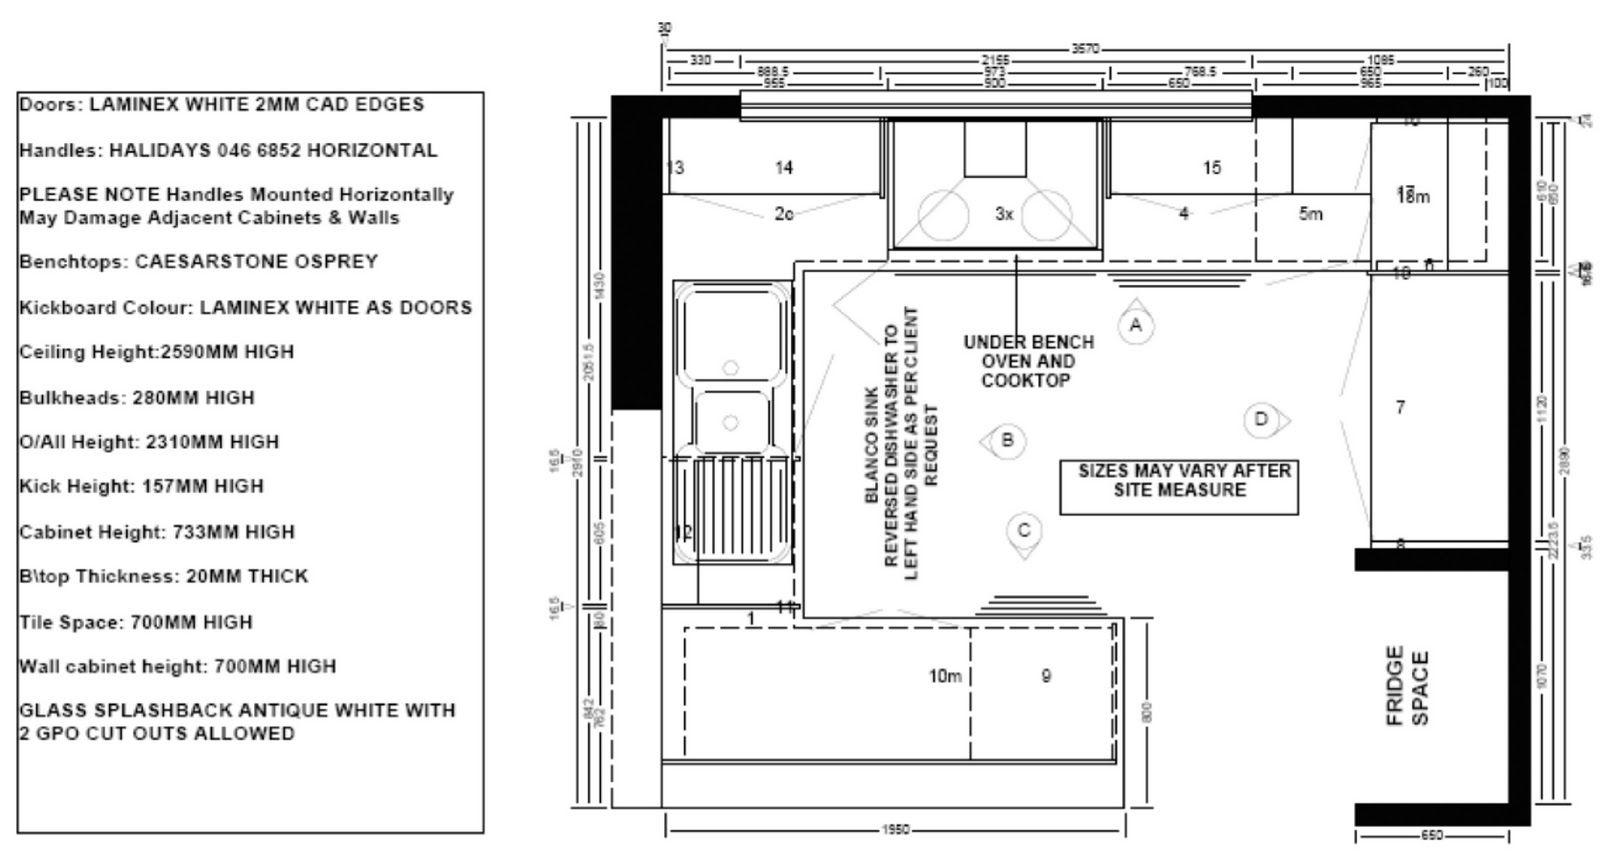 g shaped kitchen layout kitchen design plans small kitchen floor plans small kitchen design on g kitchen layout design id=43816